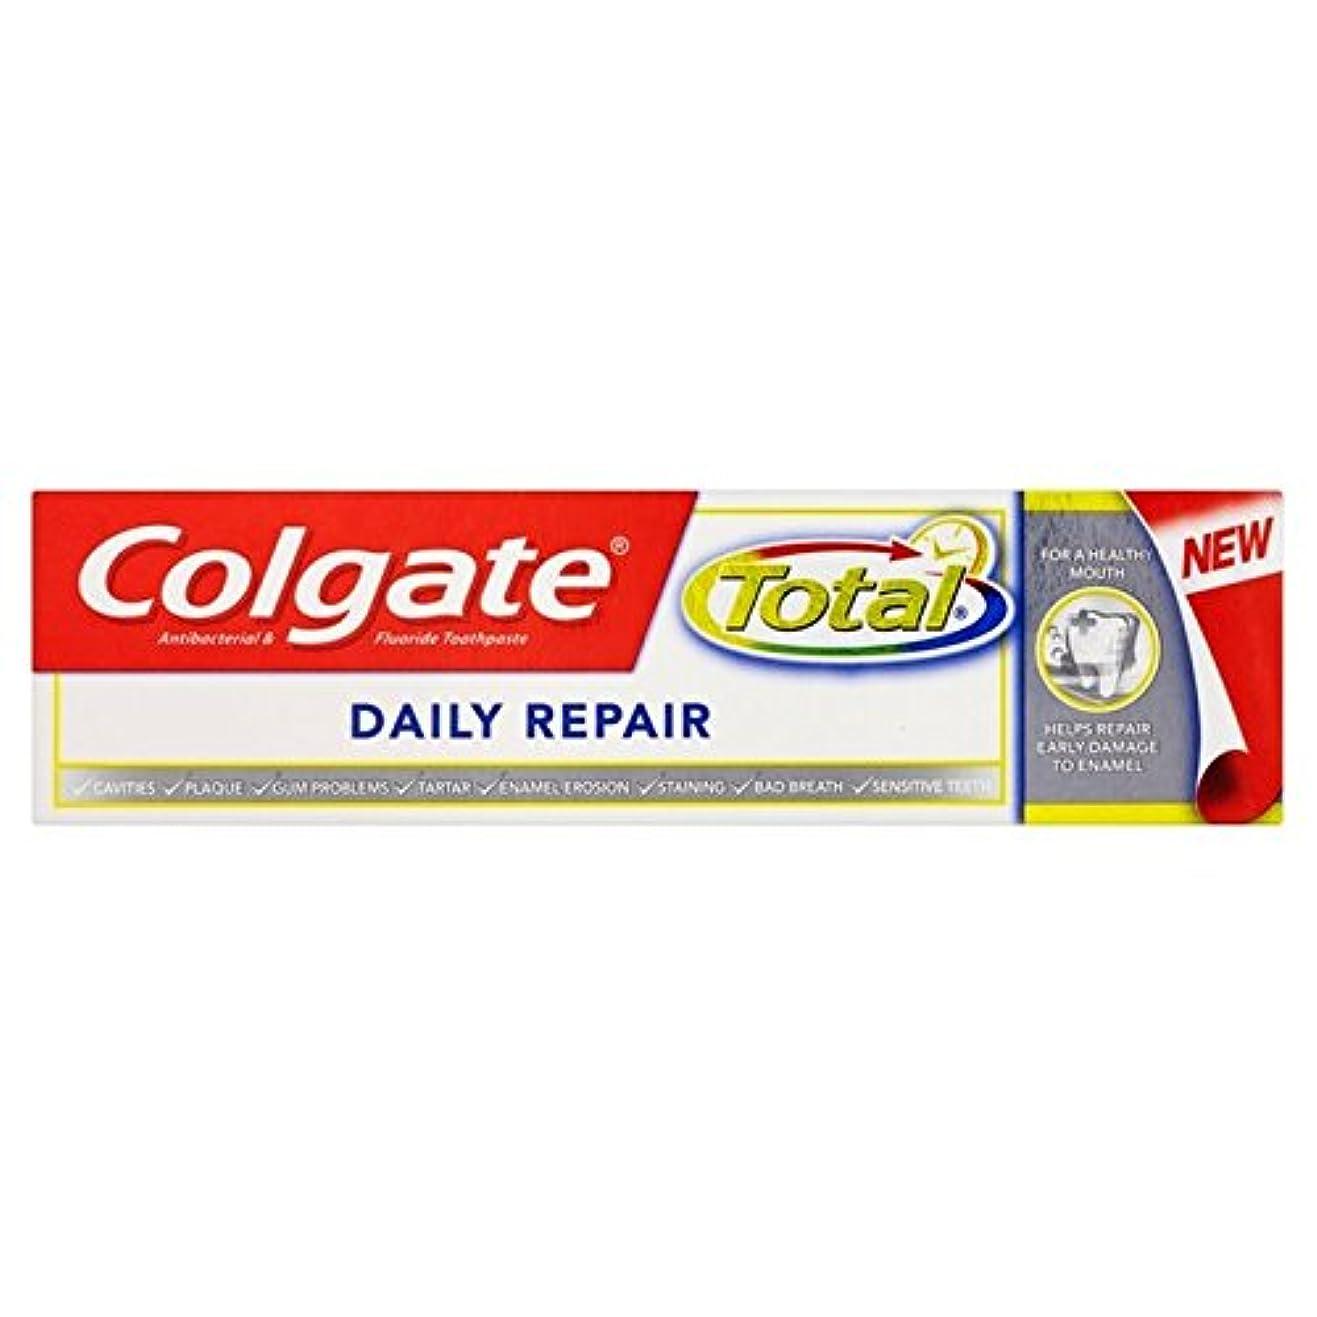 検査官水曜日範囲コルゲートトータル毎日修理歯磨き粉75ミリリットル x2 - Colgate Total Daily Repair Toothpaste 75ml (Pack of 2) [並行輸入品]